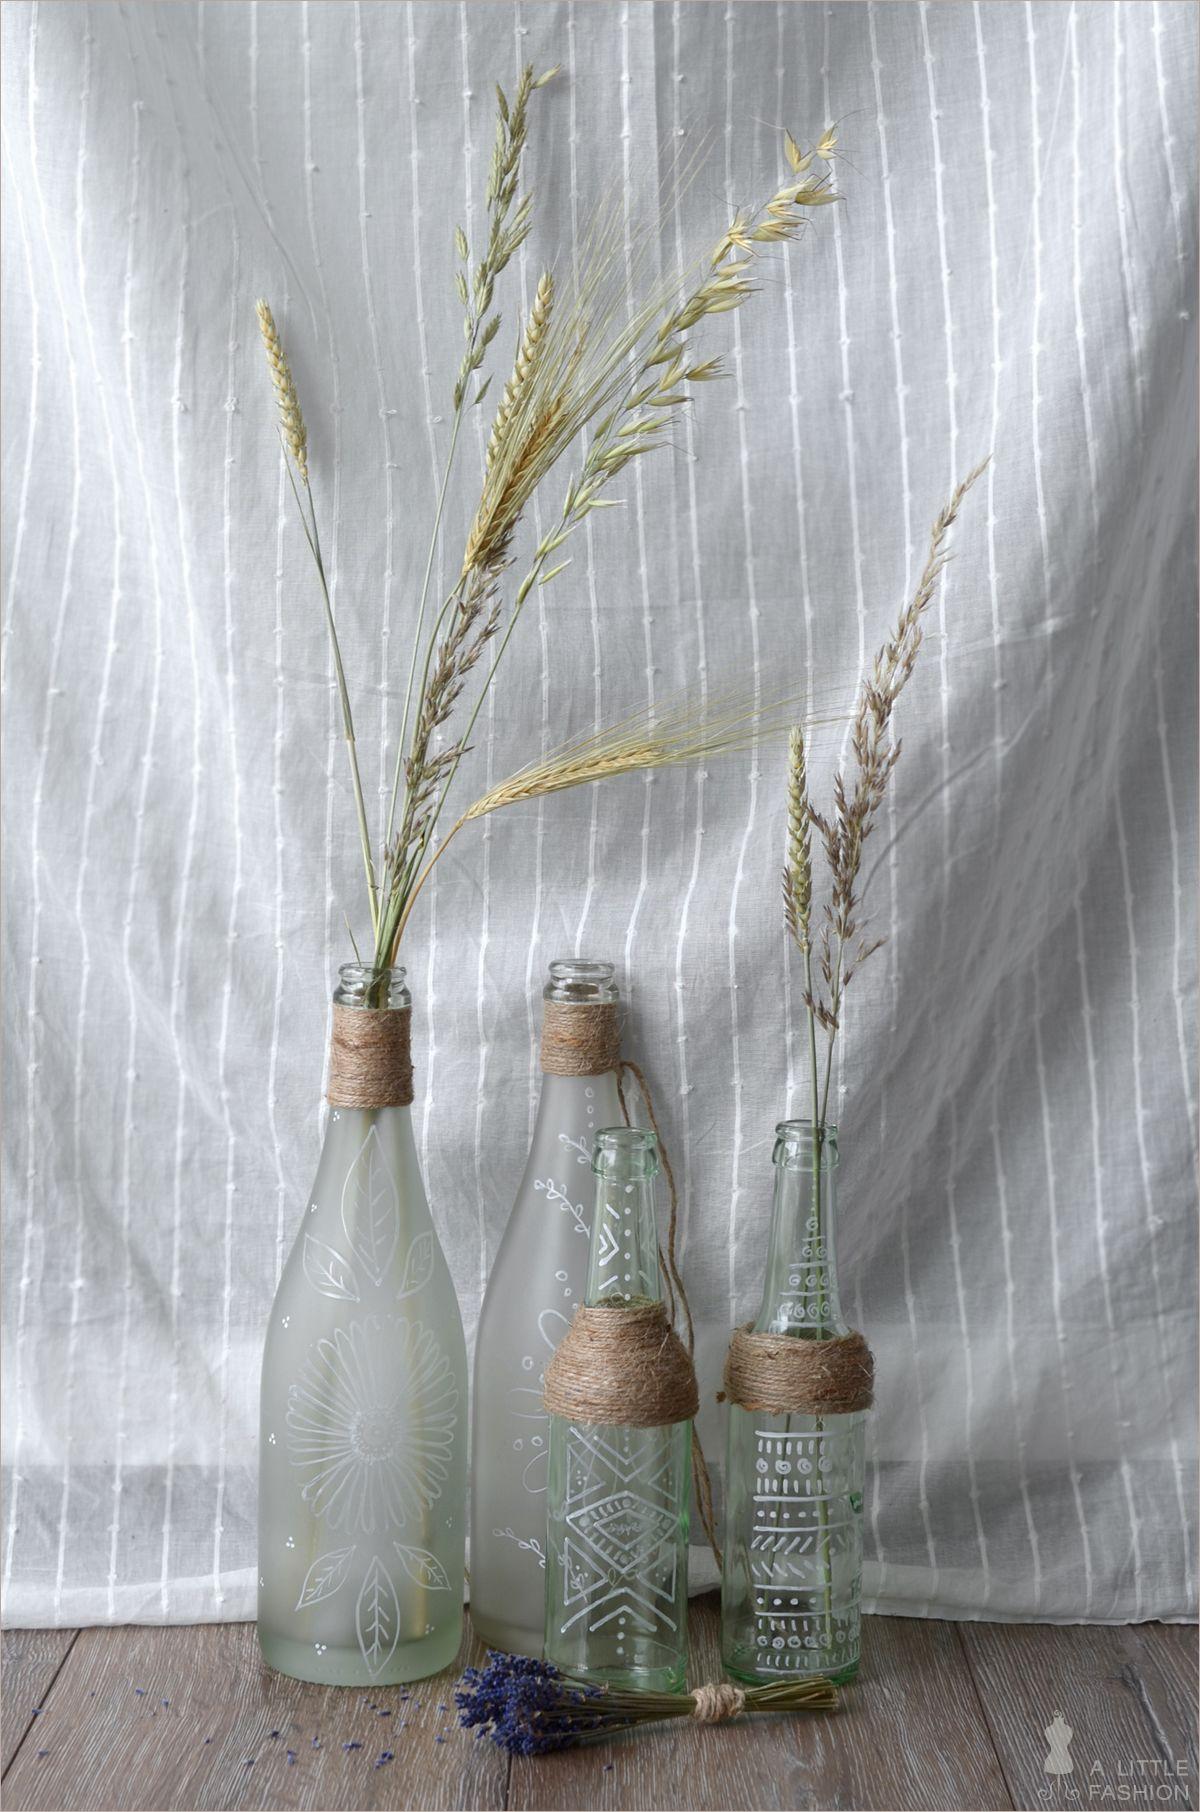 die besten 25 flasche bemalen ideen auf pinterest malerei flaschen coole flaschen und. Black Bedroom Furniture Sets. Home Design Ideas